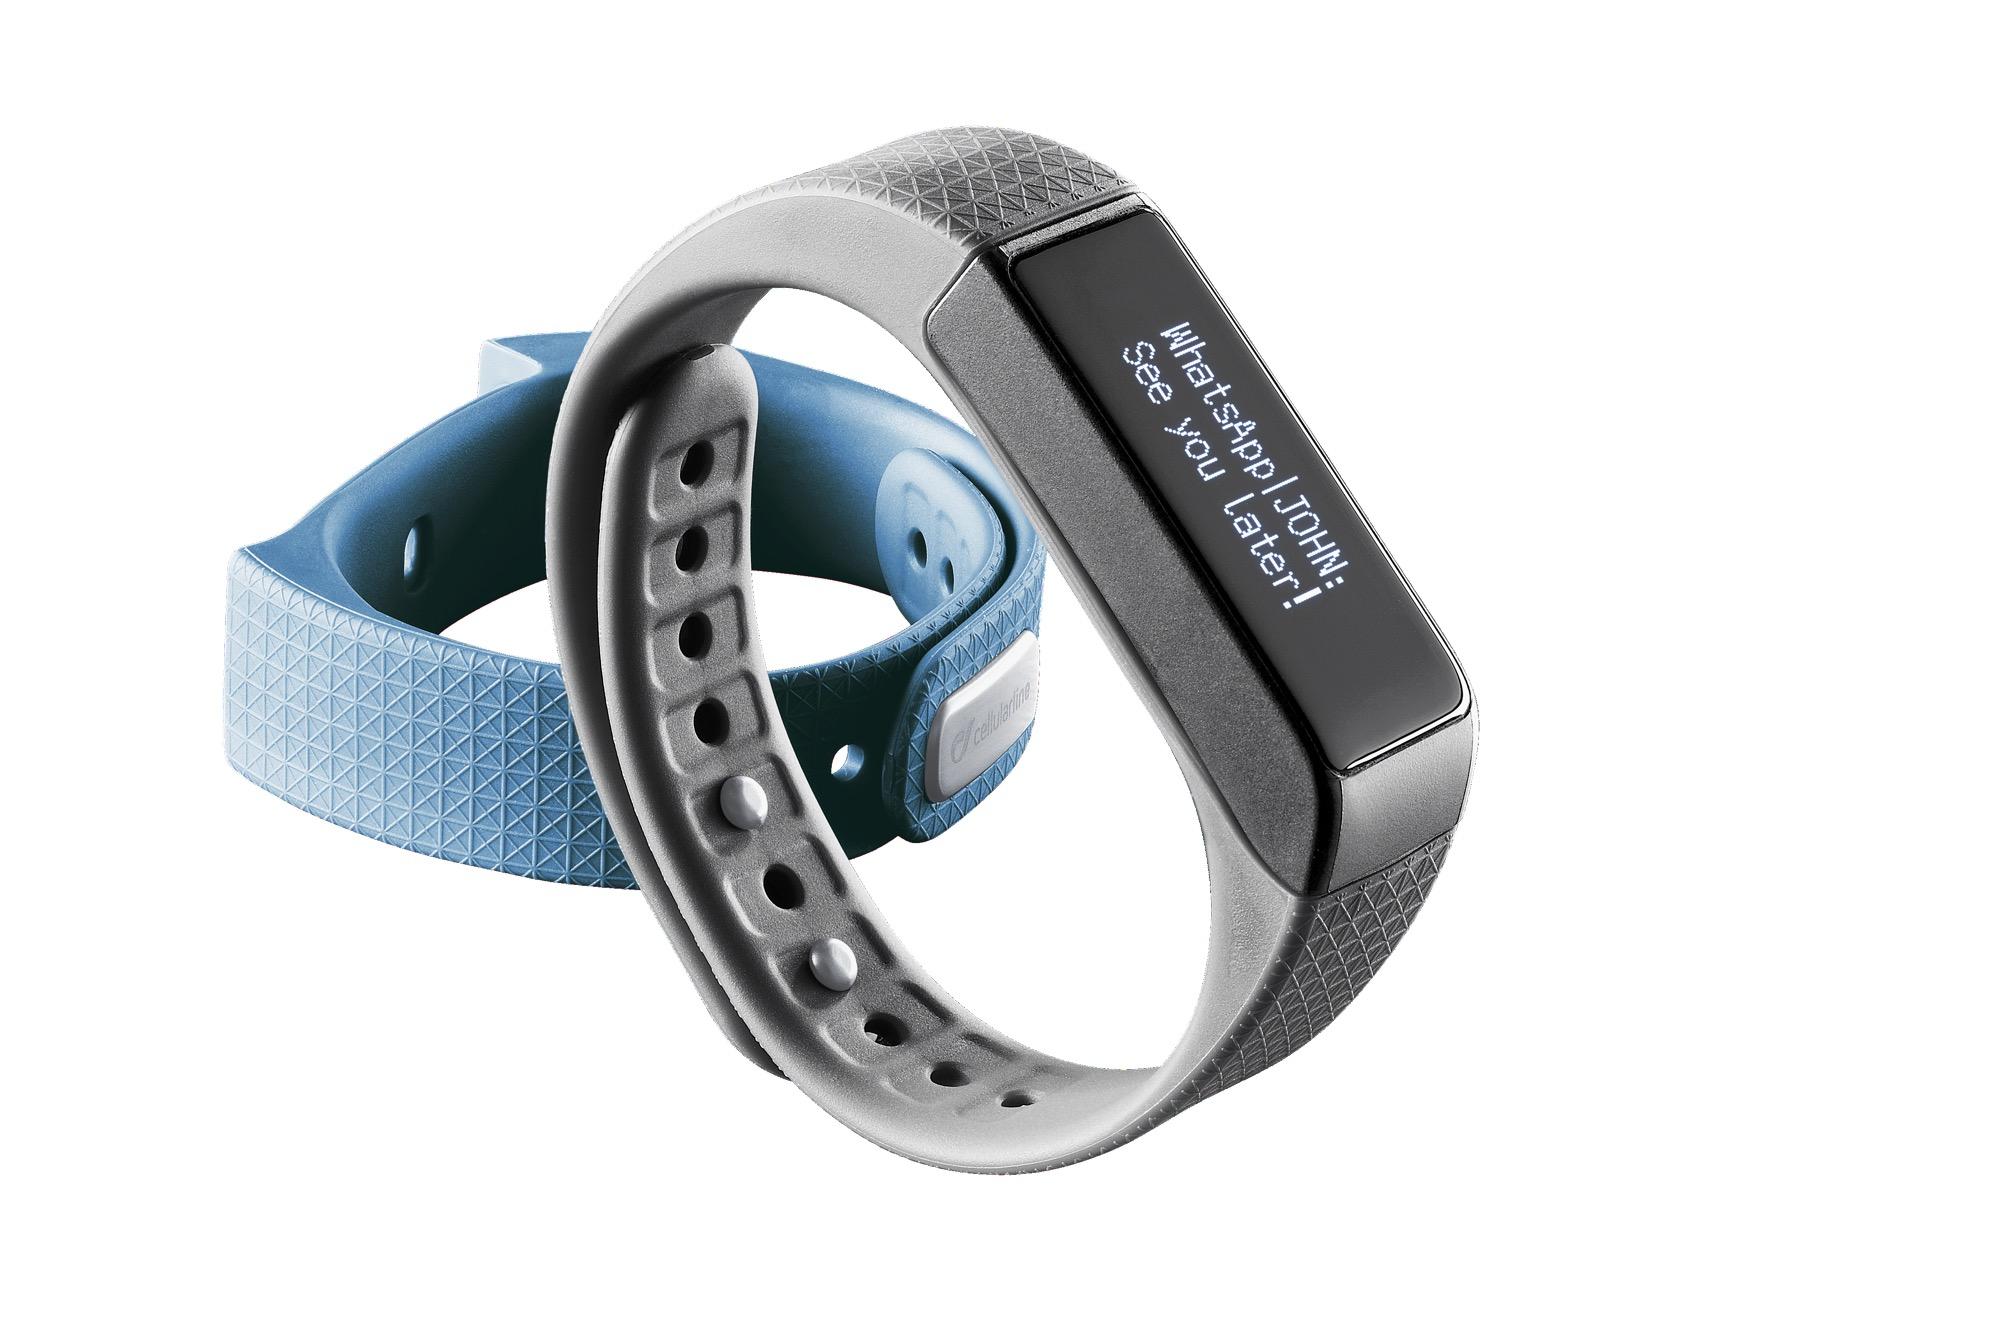 De Easy Touch fitness en activity tracker van Cellularline